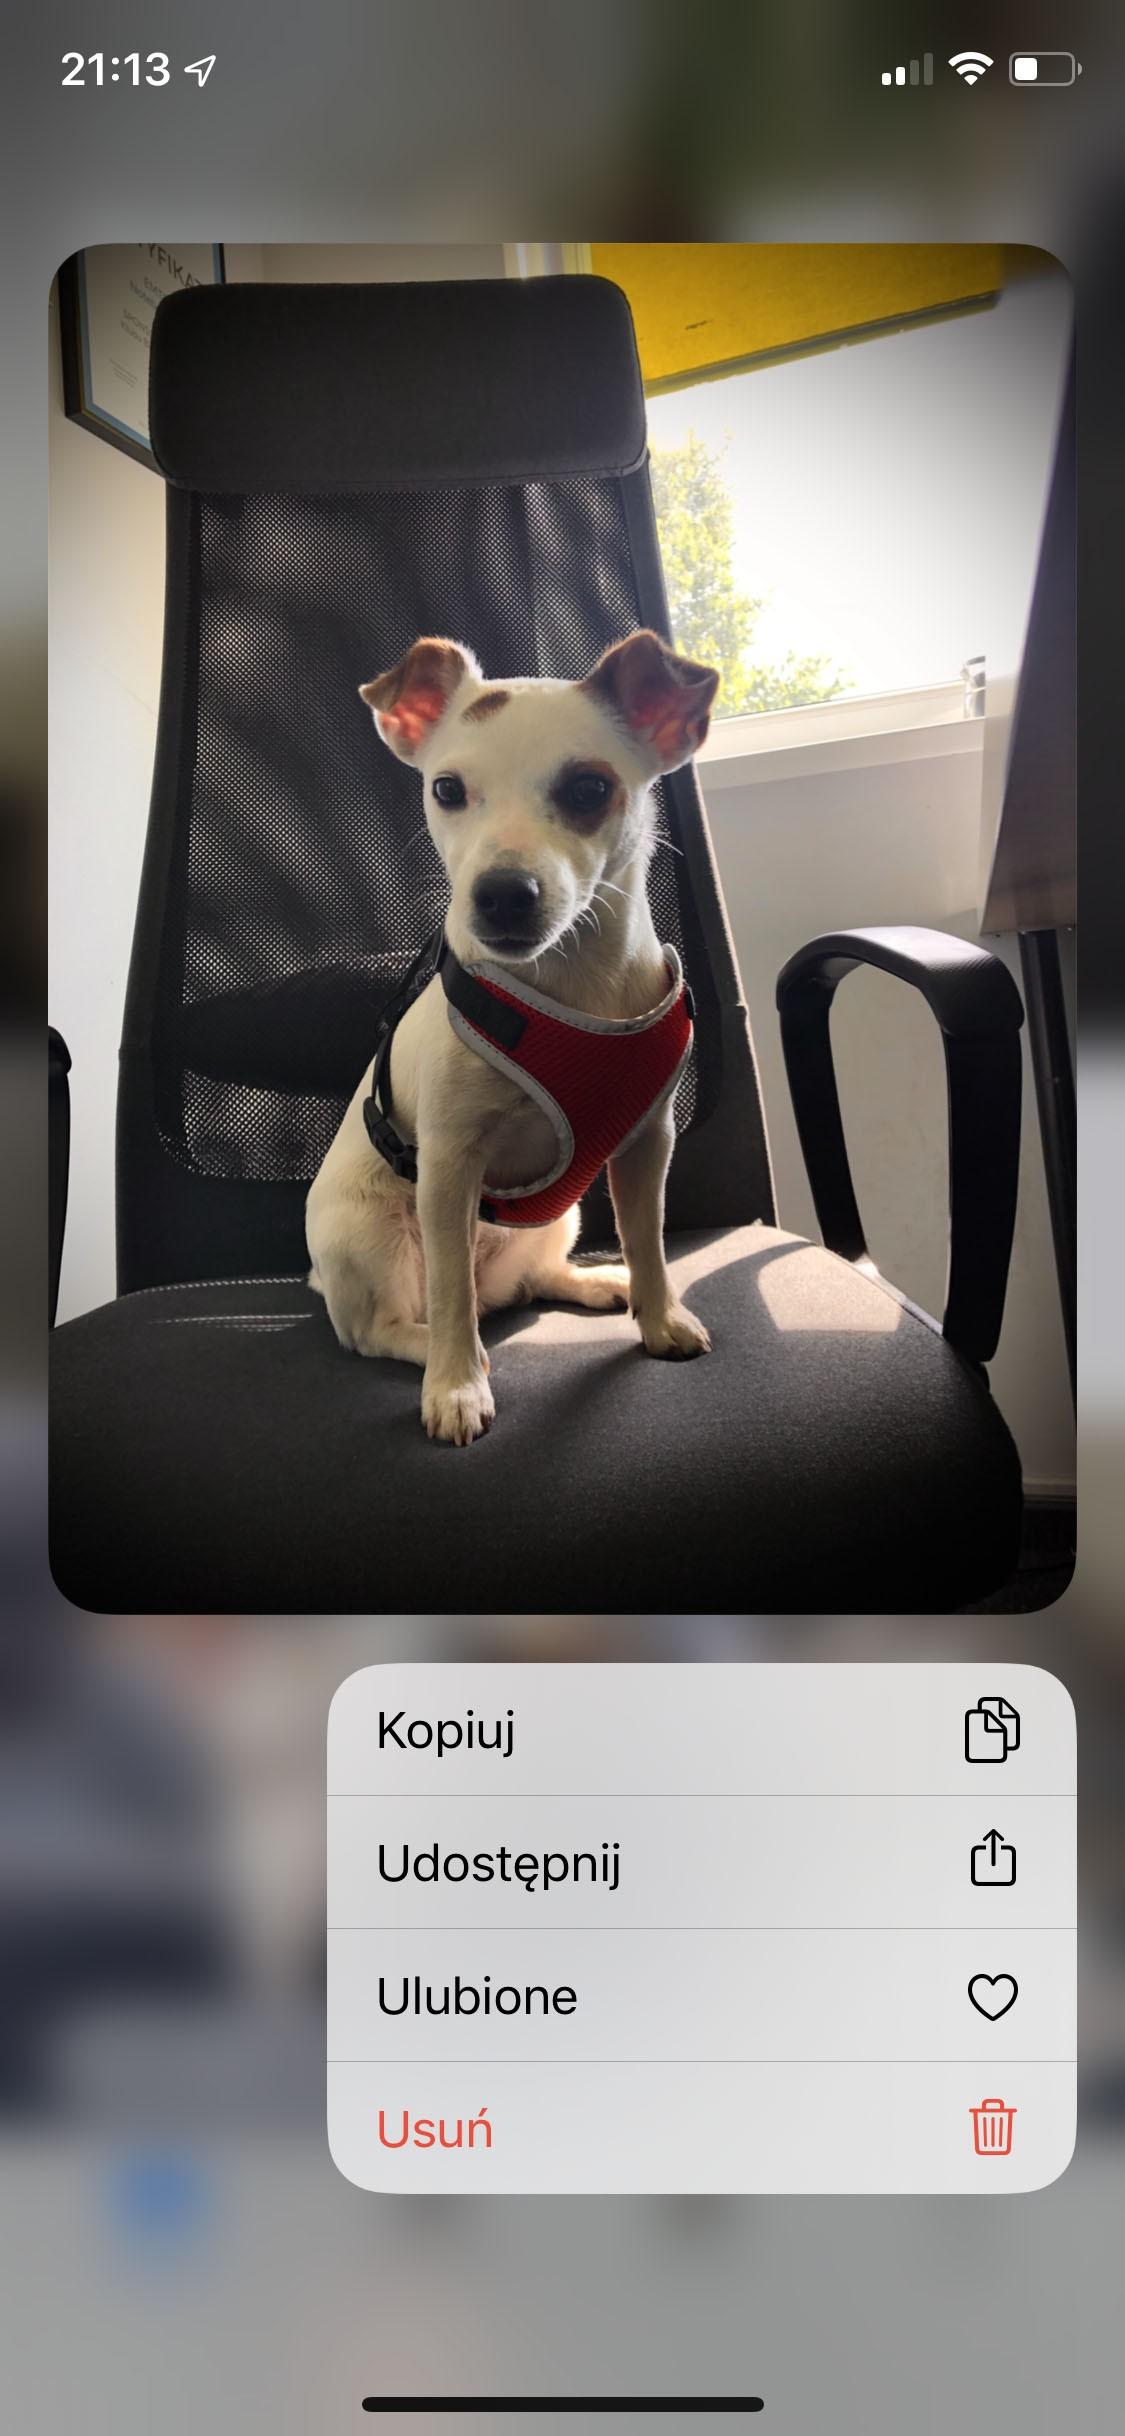 iOS 13 - Zdjęcia